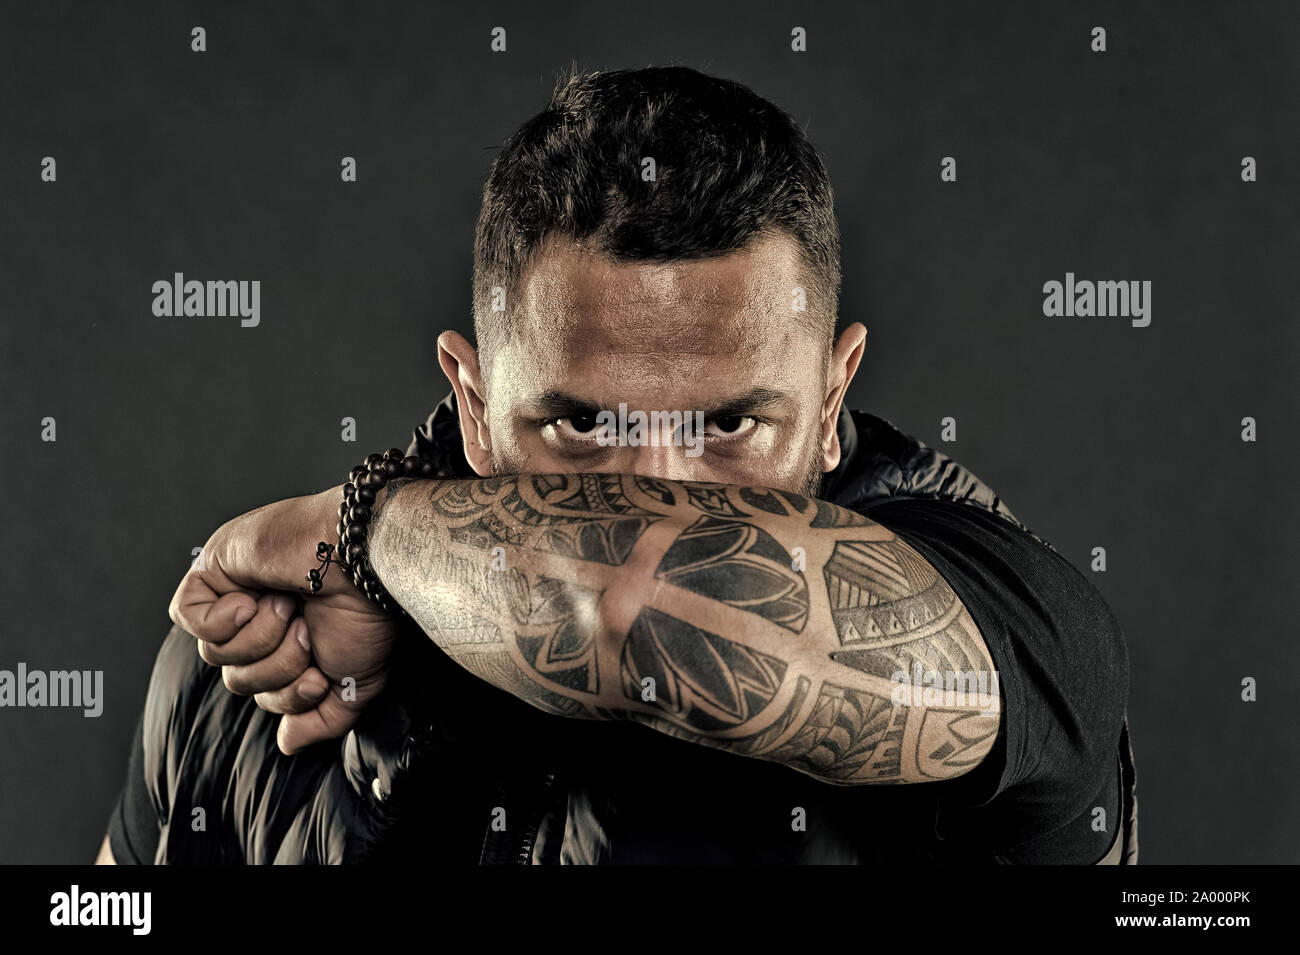 Mann arm name tattoo Want a